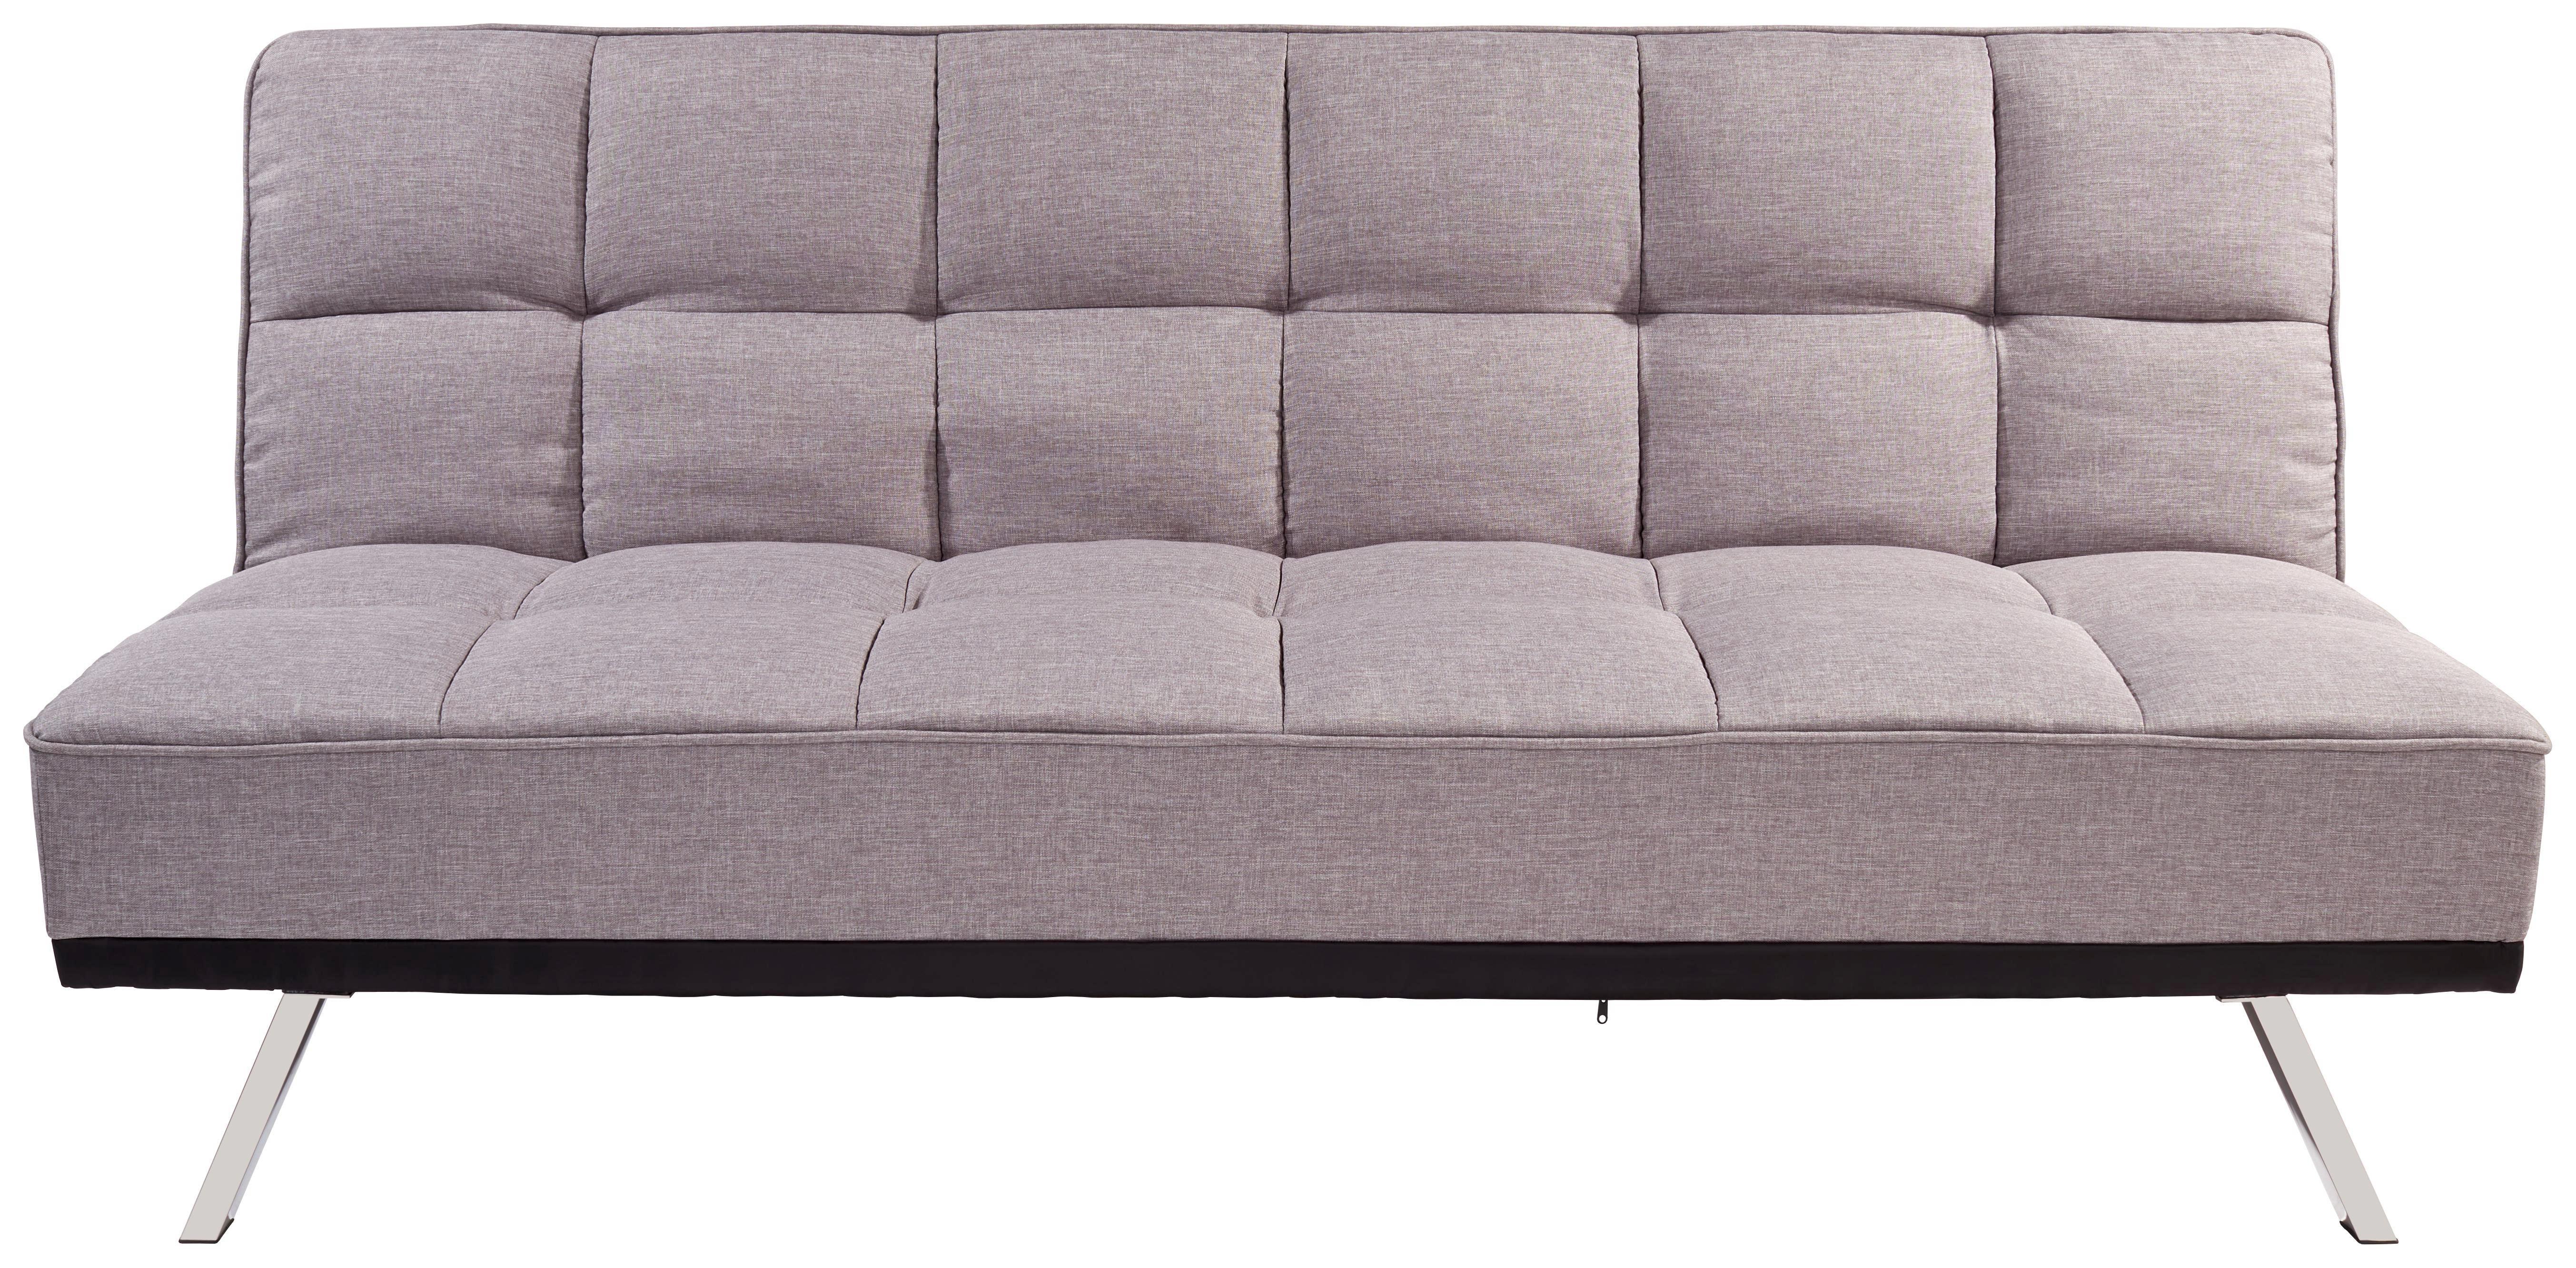 polsterbett mit bettkasten 90x200 best polsterbett maintal in ausfhrungen made in germany with. Black Bedroom Furniture Sets. Home Design Ideas